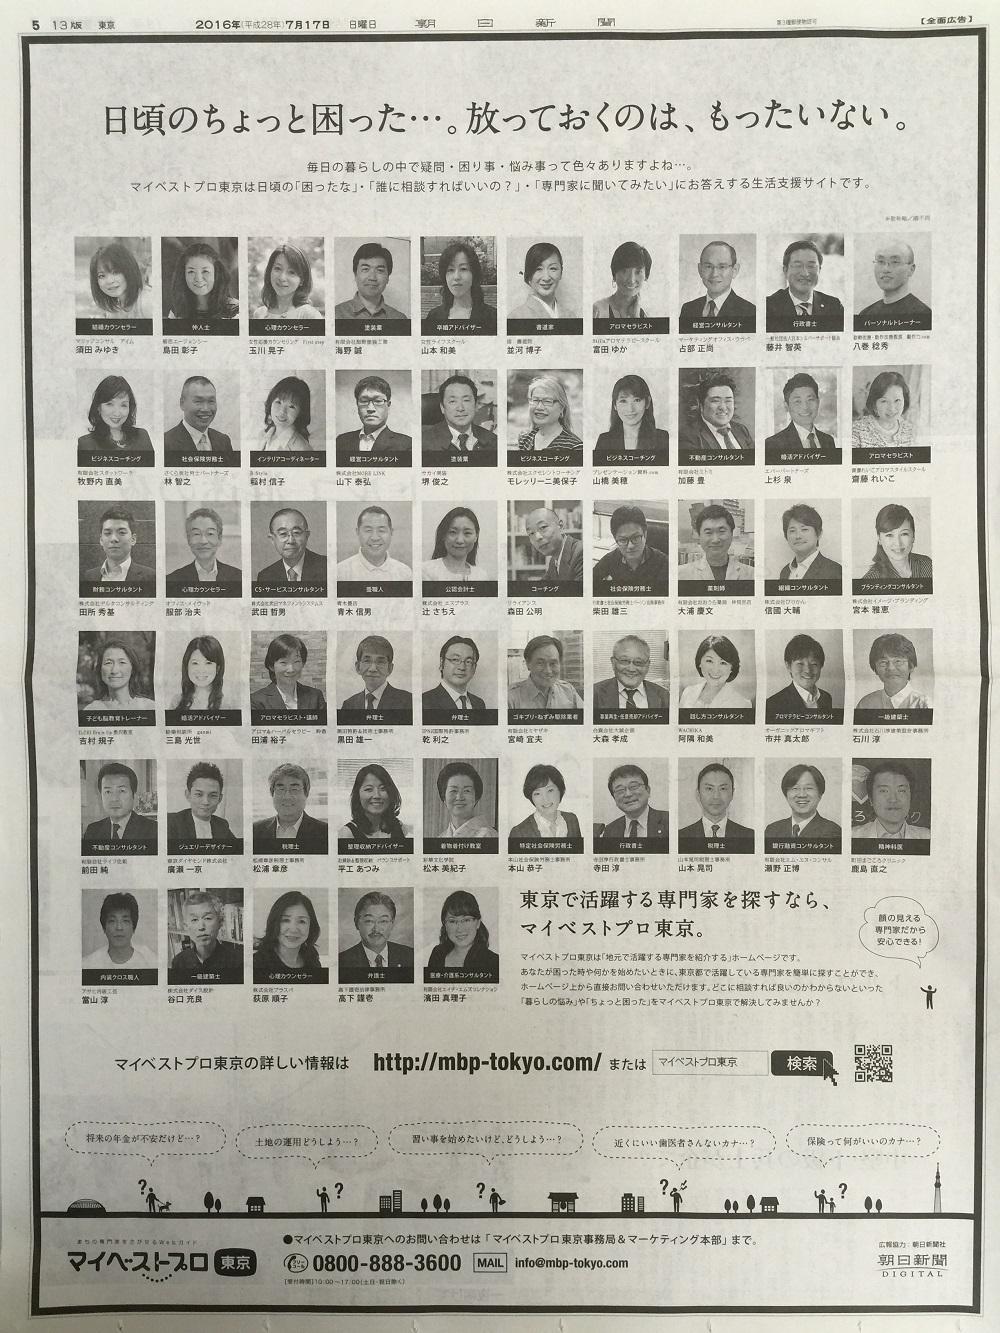 マイベストプロ一面広告(2016年7月17日付朝日新聞朝刊)_1000